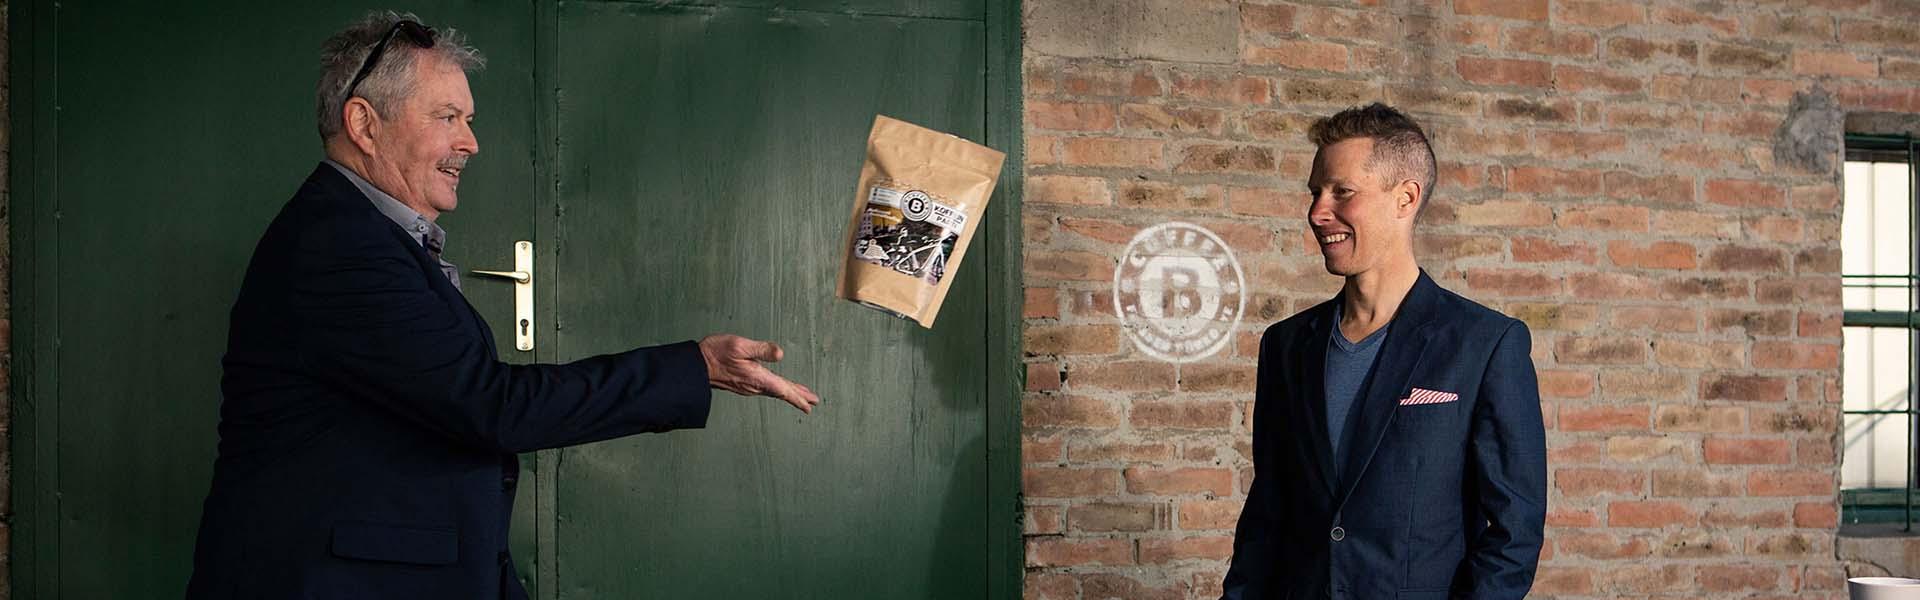 Parti András, hegyikerékpáros saját kávé márkával jelentkezik